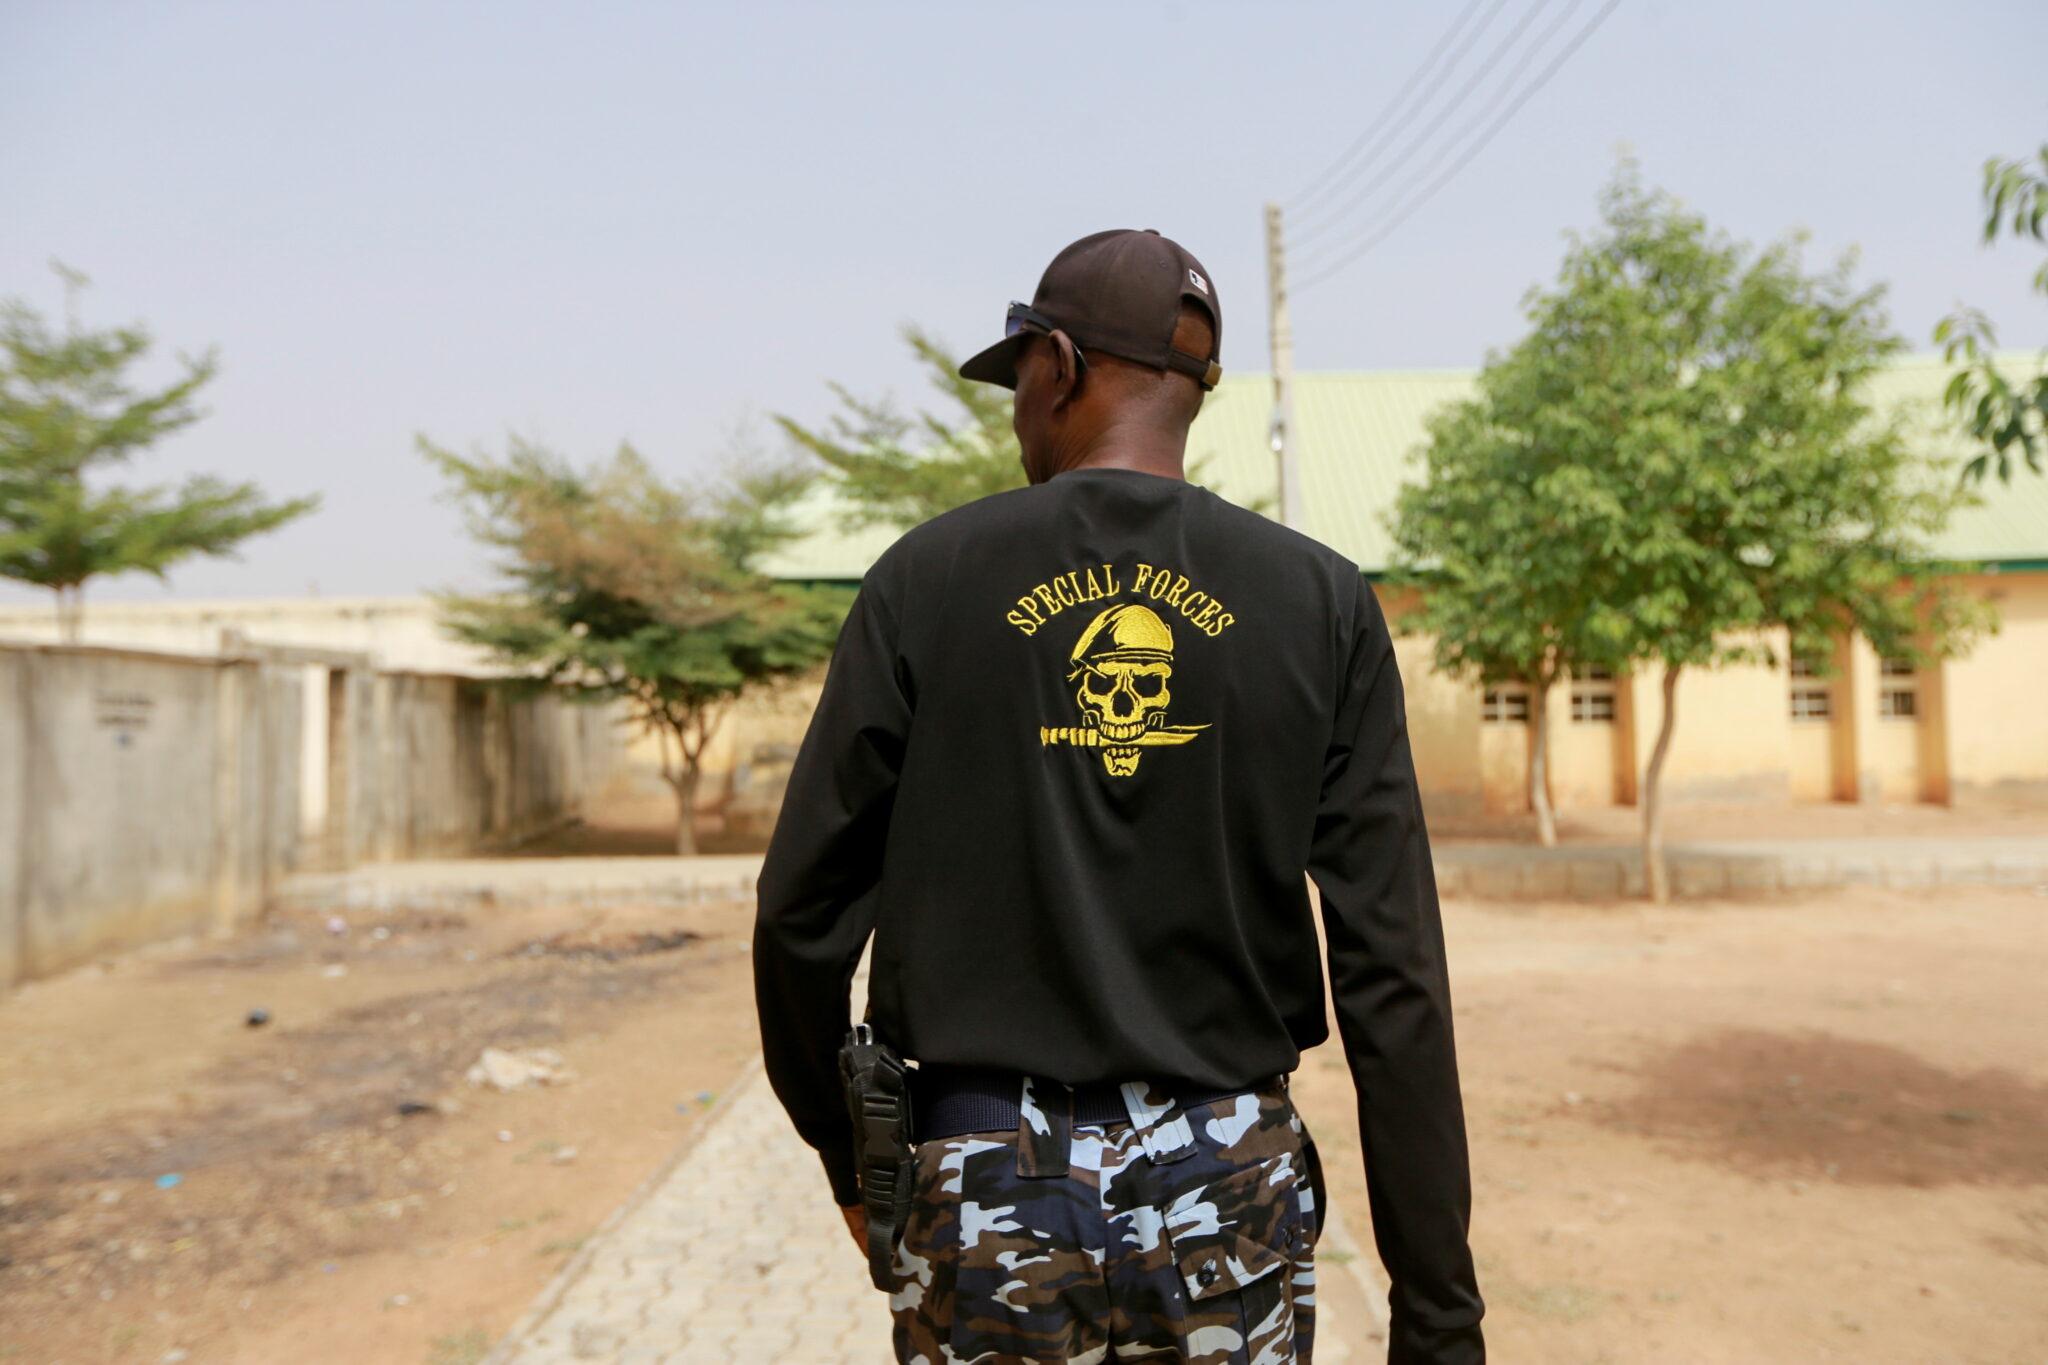 Únos dětí v Nigérii